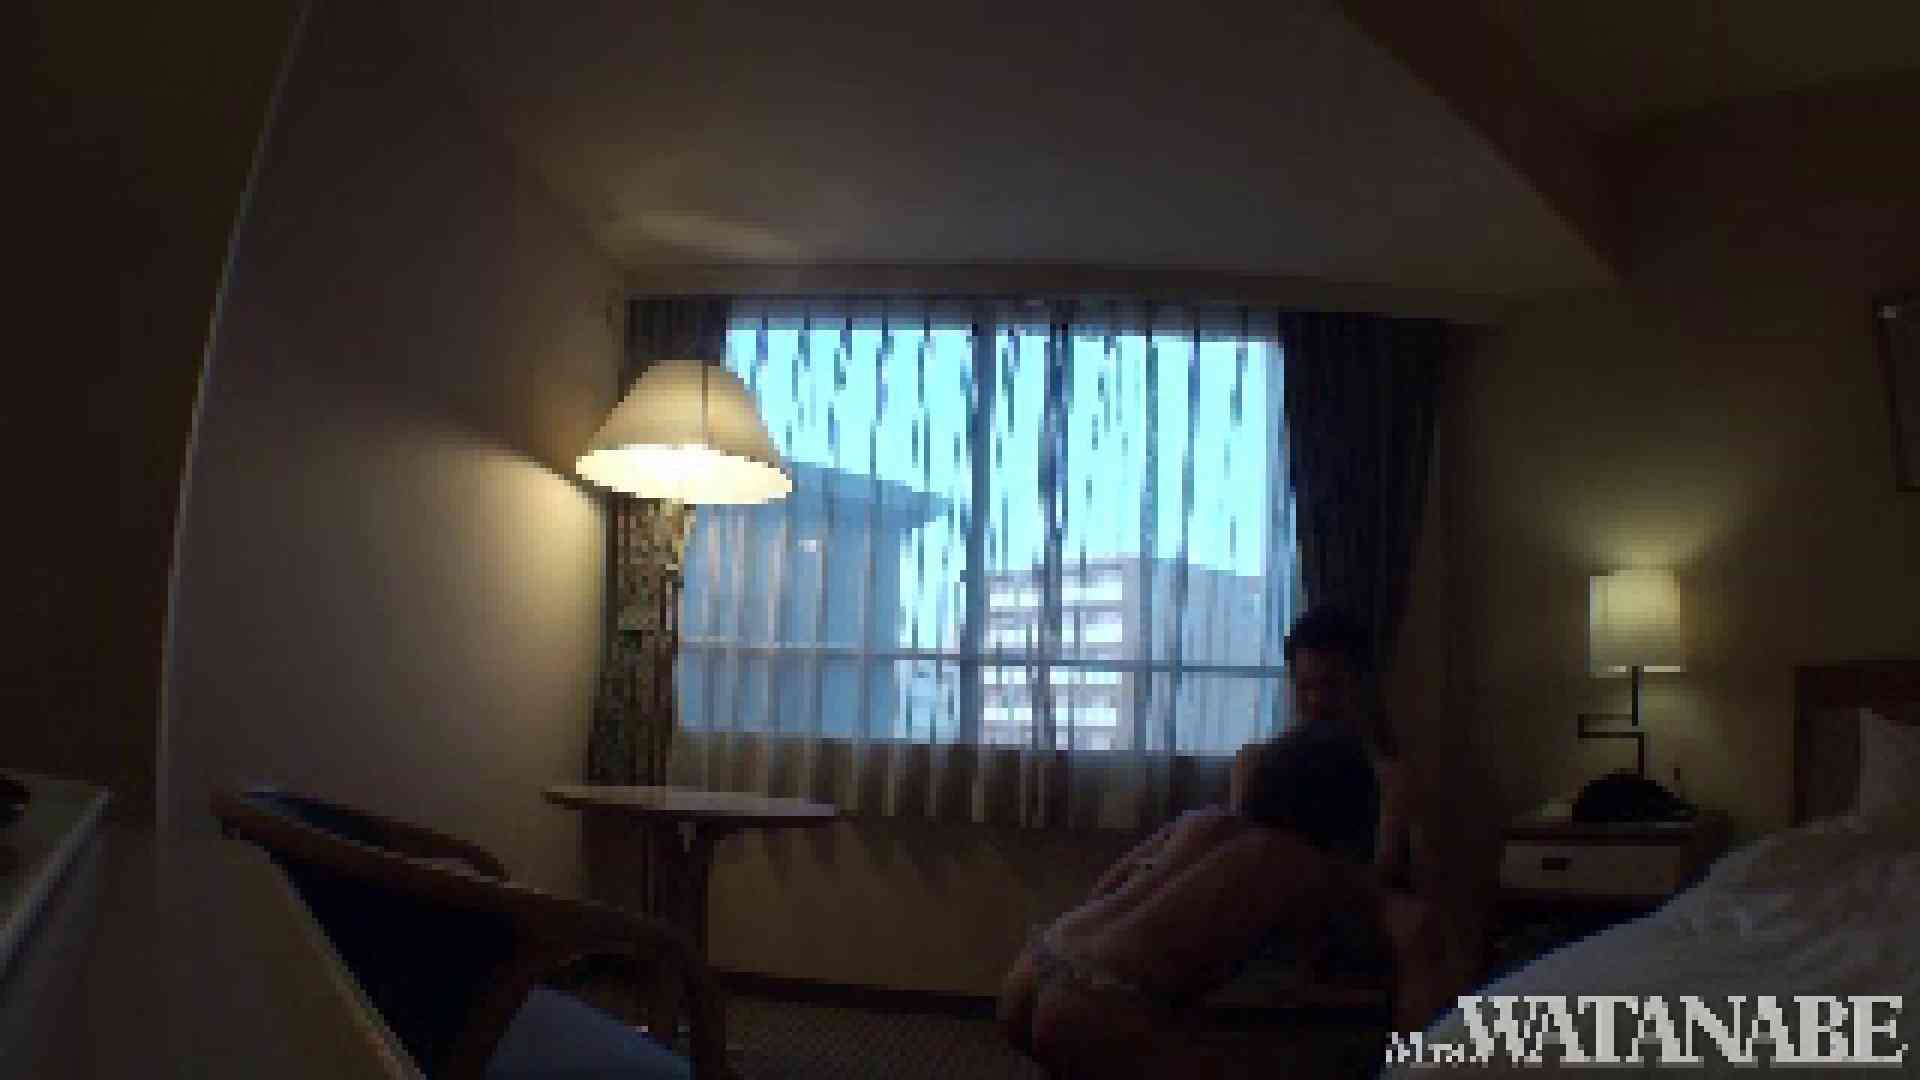 撮影スタッフを誘惑する痴熟女 かおり40歳 Vol.03 OLのボディ  106PIX 84